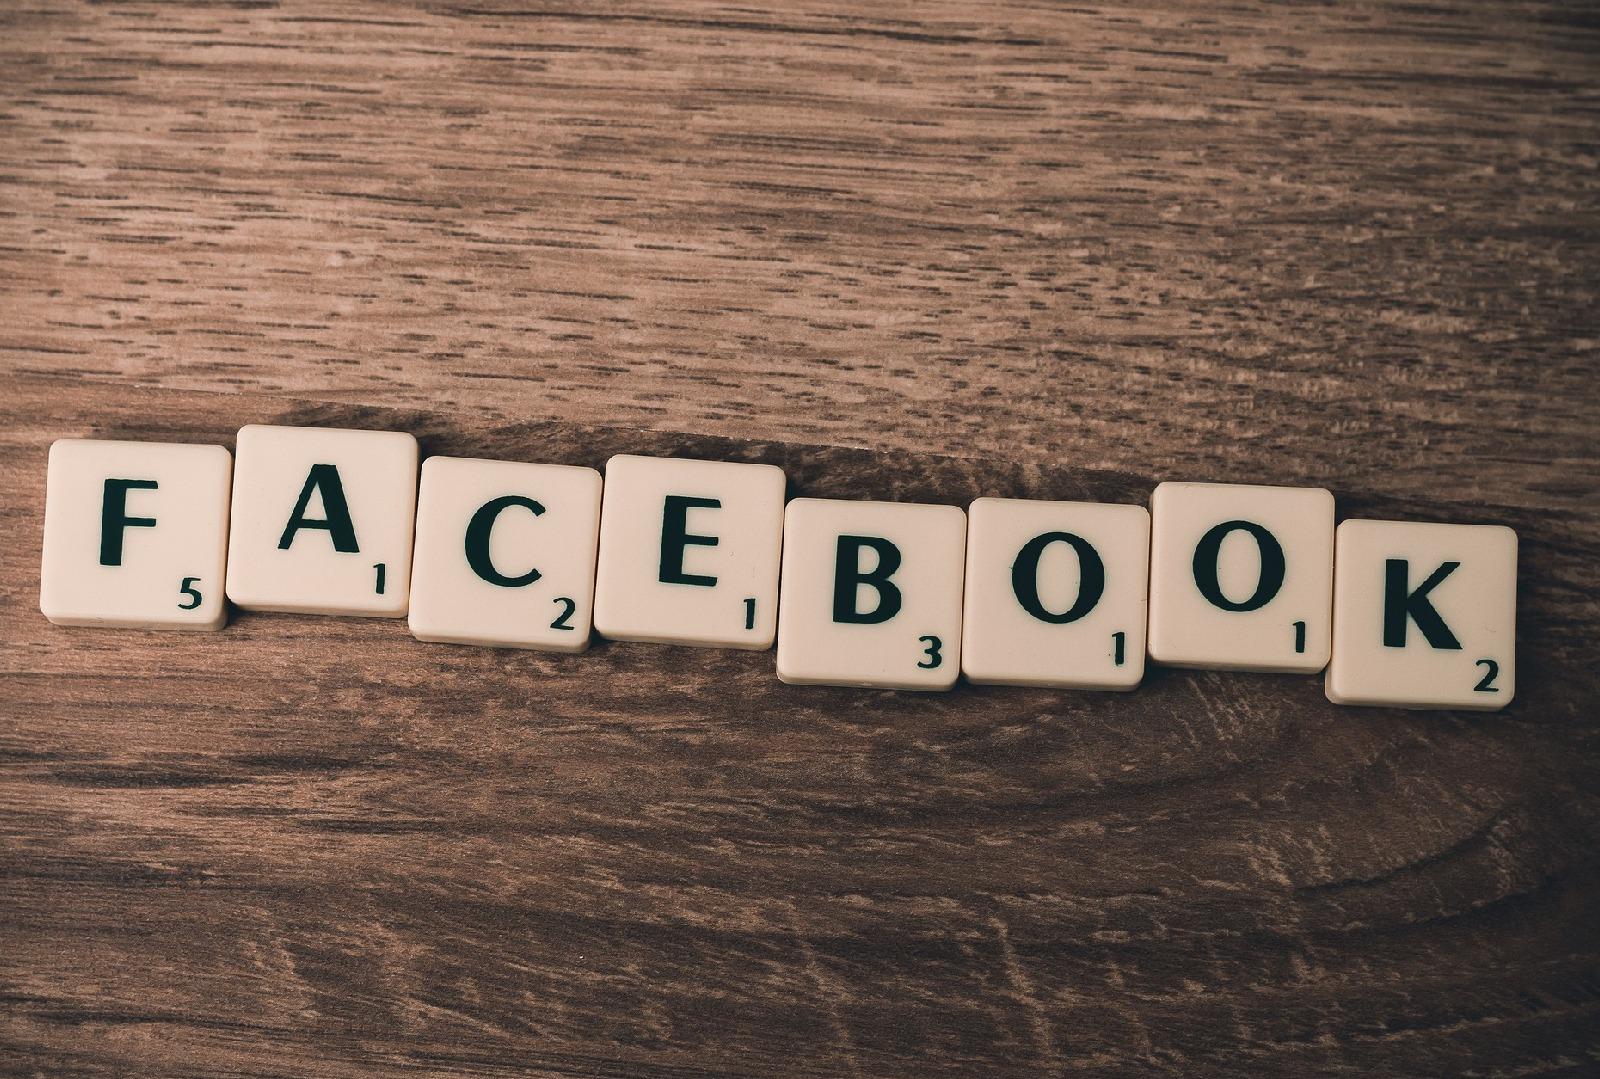 el año de los anuncios de Facebook es 2019